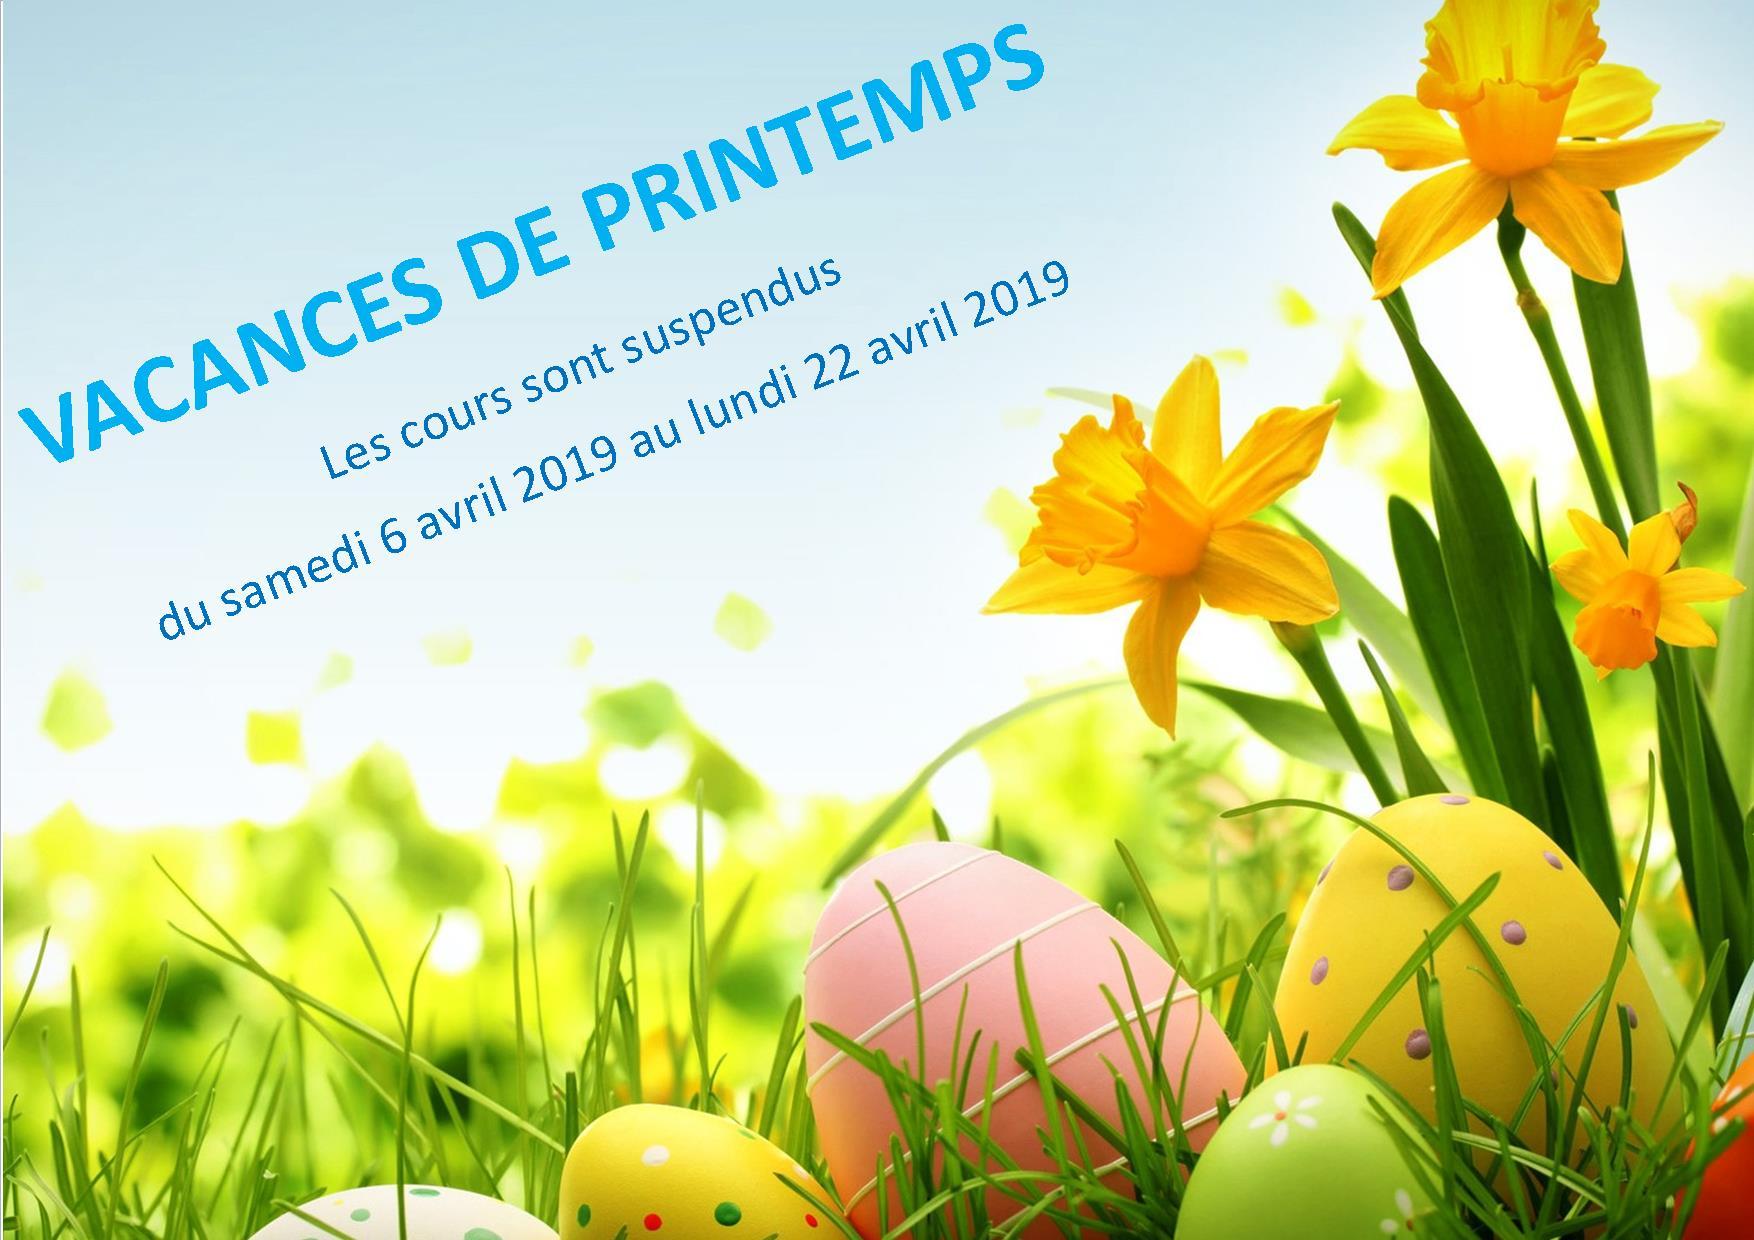 Vacances printemps-Cours suspendus